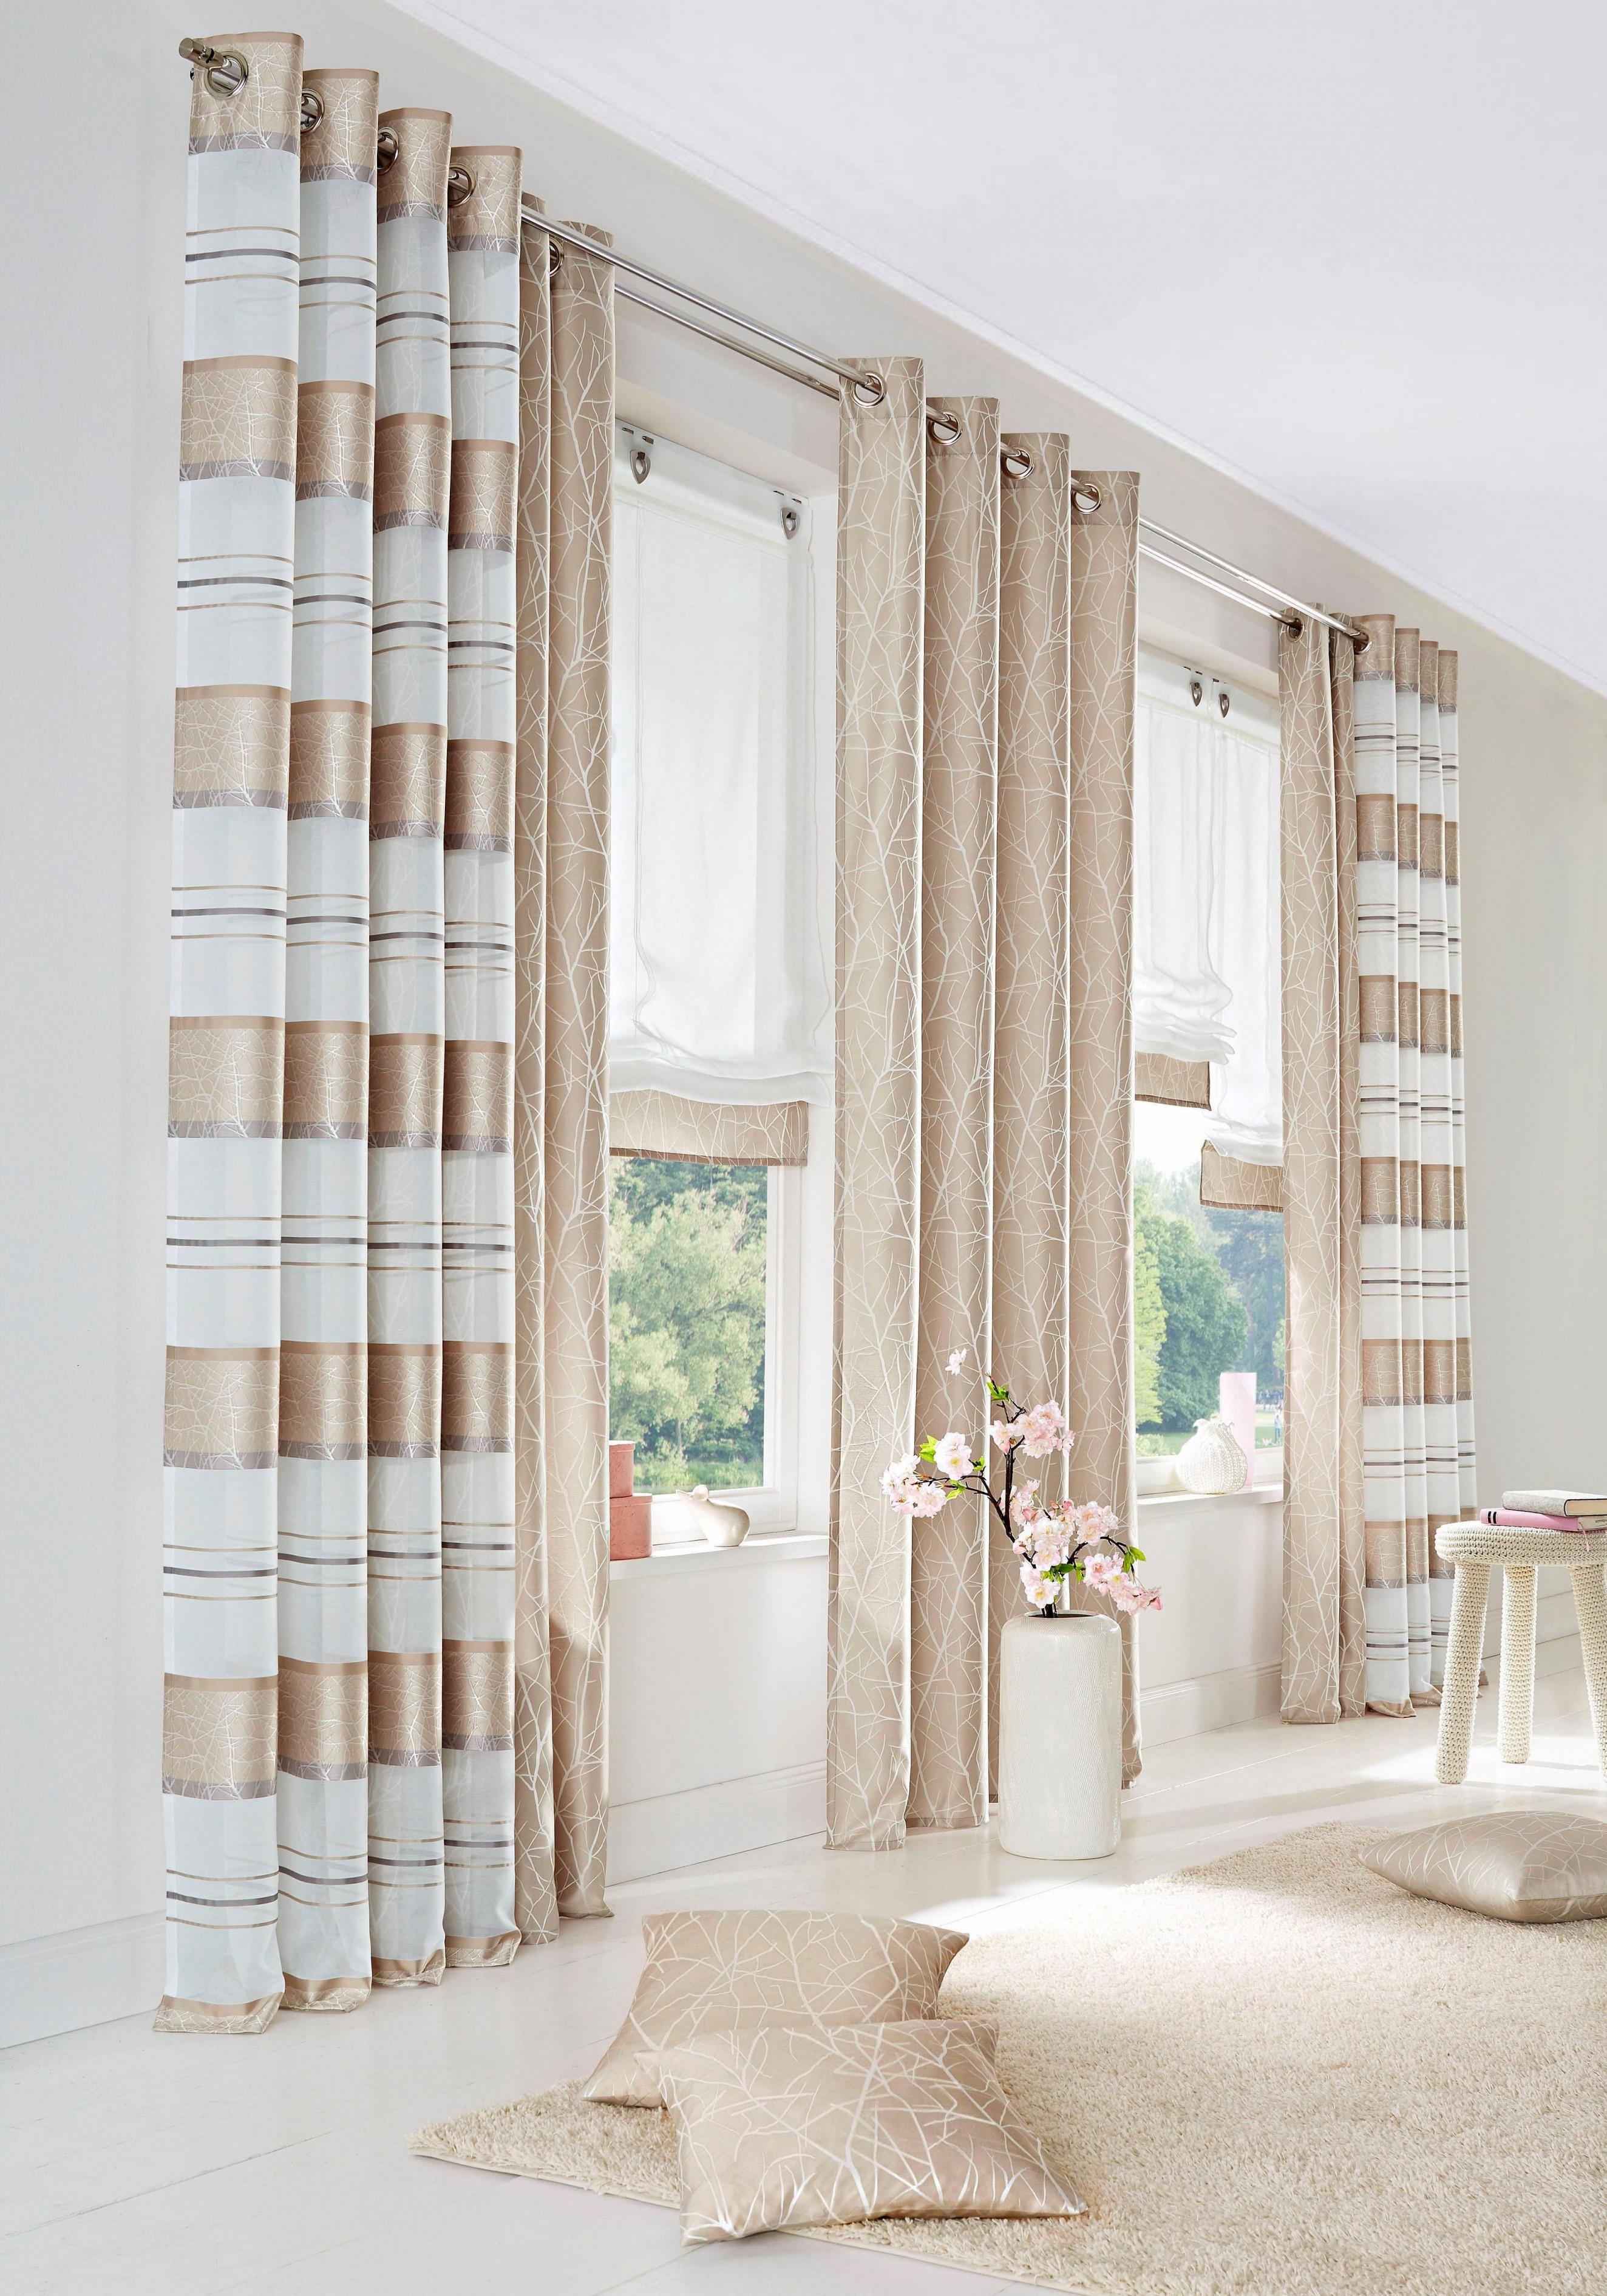 Gardine Campos Home Wohnideen Kräuselband 2 Stück Auf von Gardinen Wohnzimmer Mit Kräuselband Bild